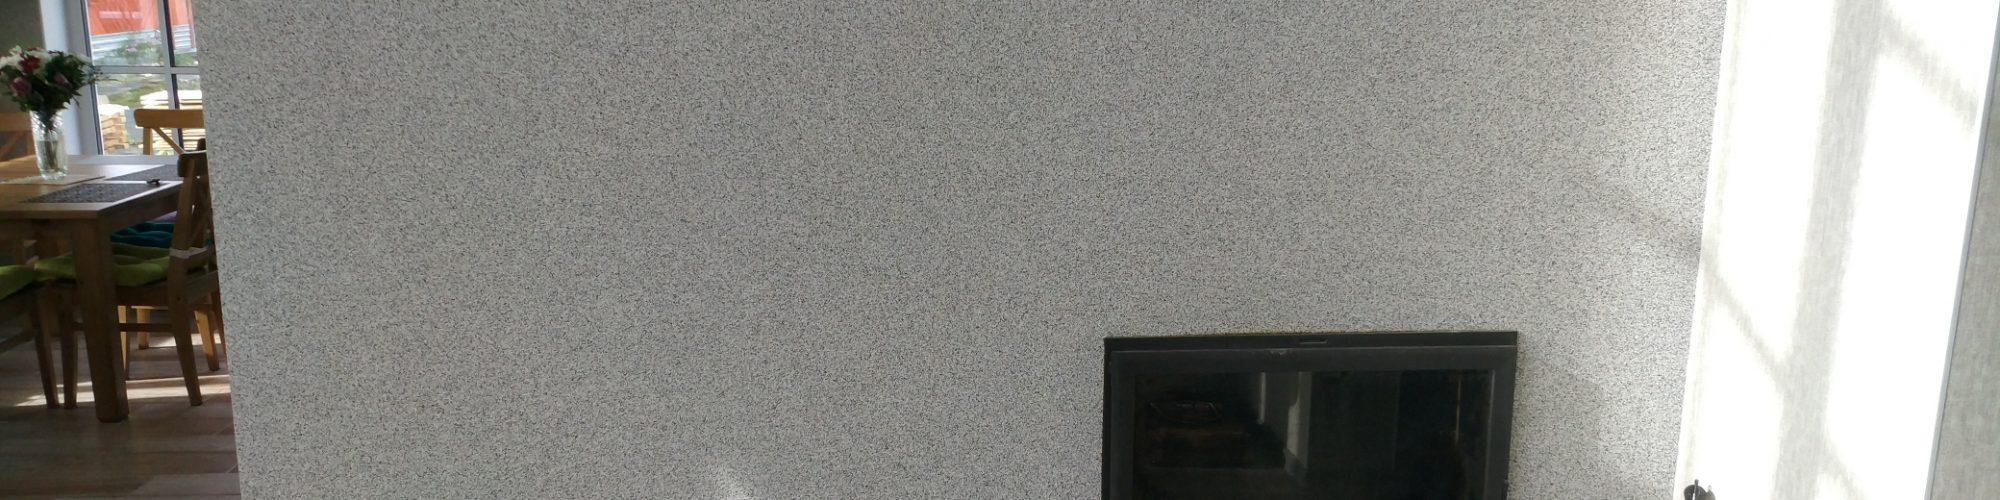 Кирпичный камин с большой панорамной дверцей